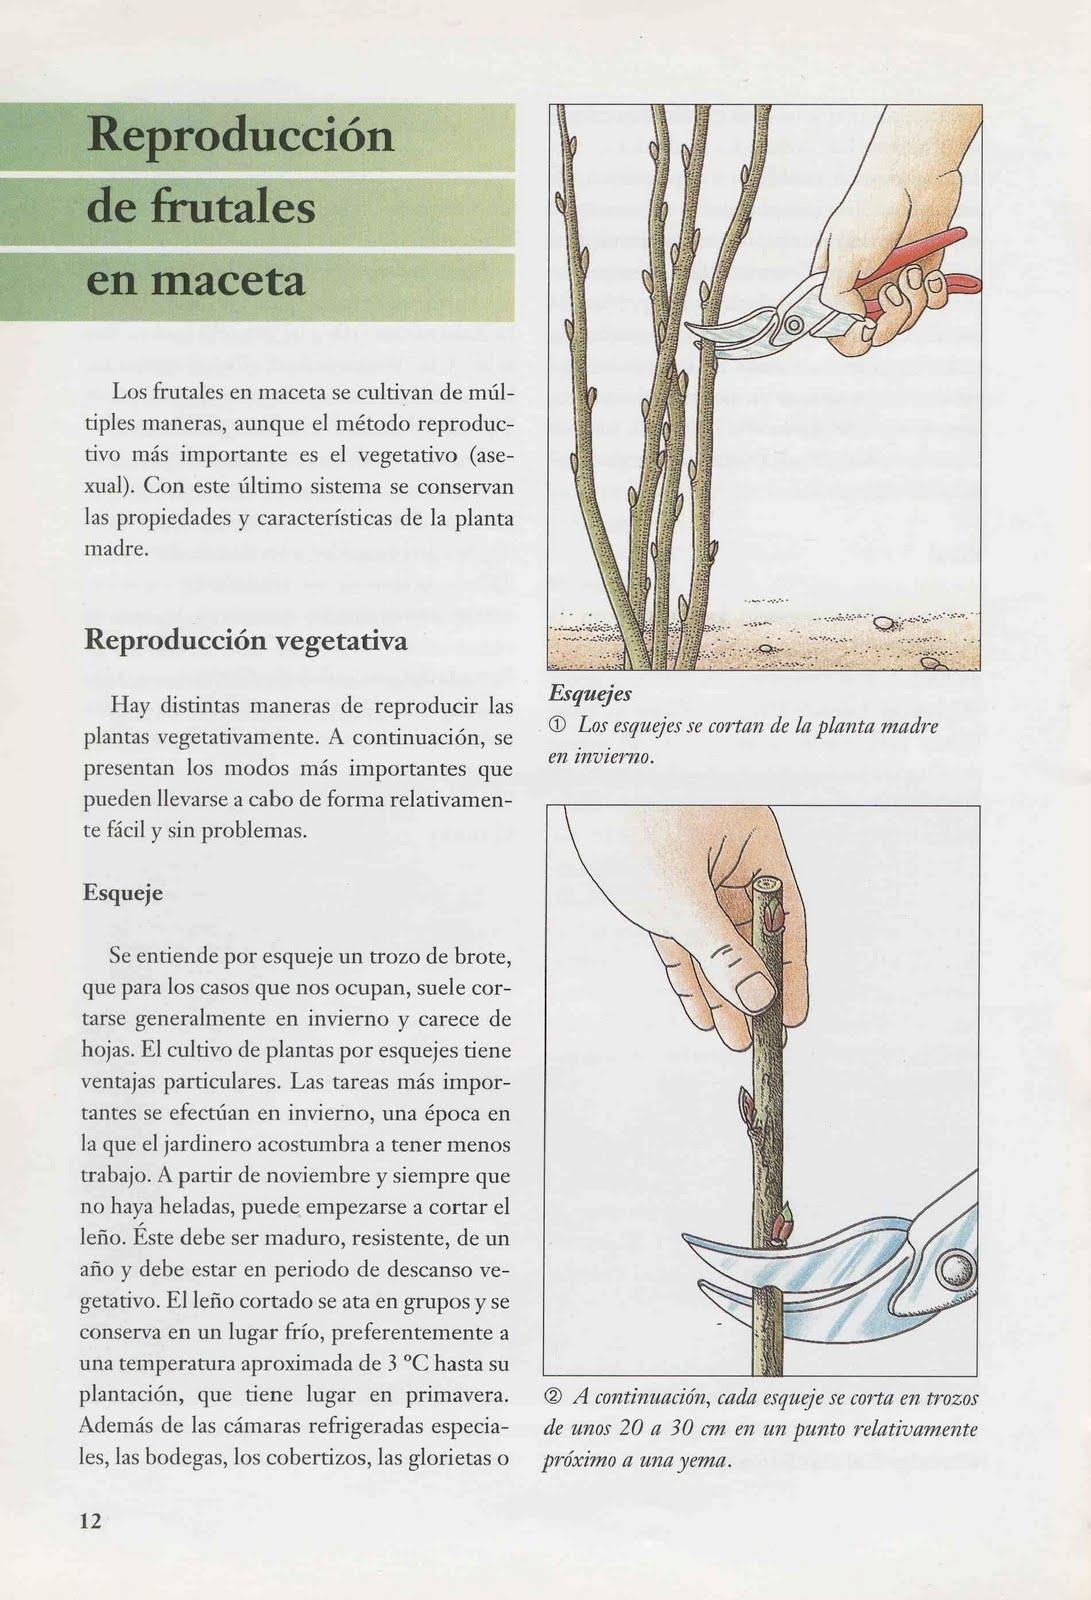 Macetohuerto paso a paso limonero en maceta for Cultivo de arboles frutales en macetas